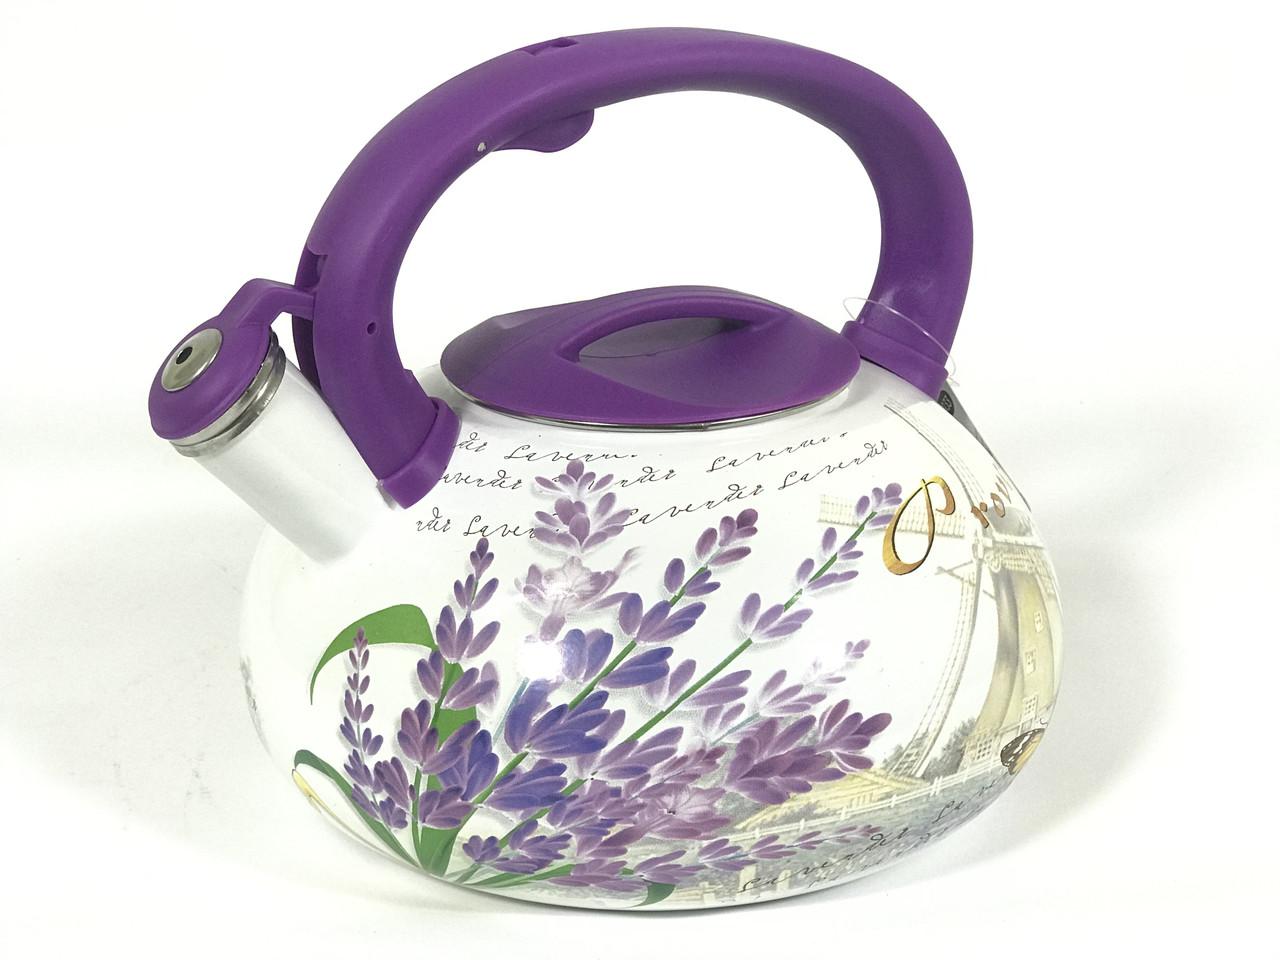 Эмалированный чайник со свистком Hoffner 4933 Provense 3,3 литра